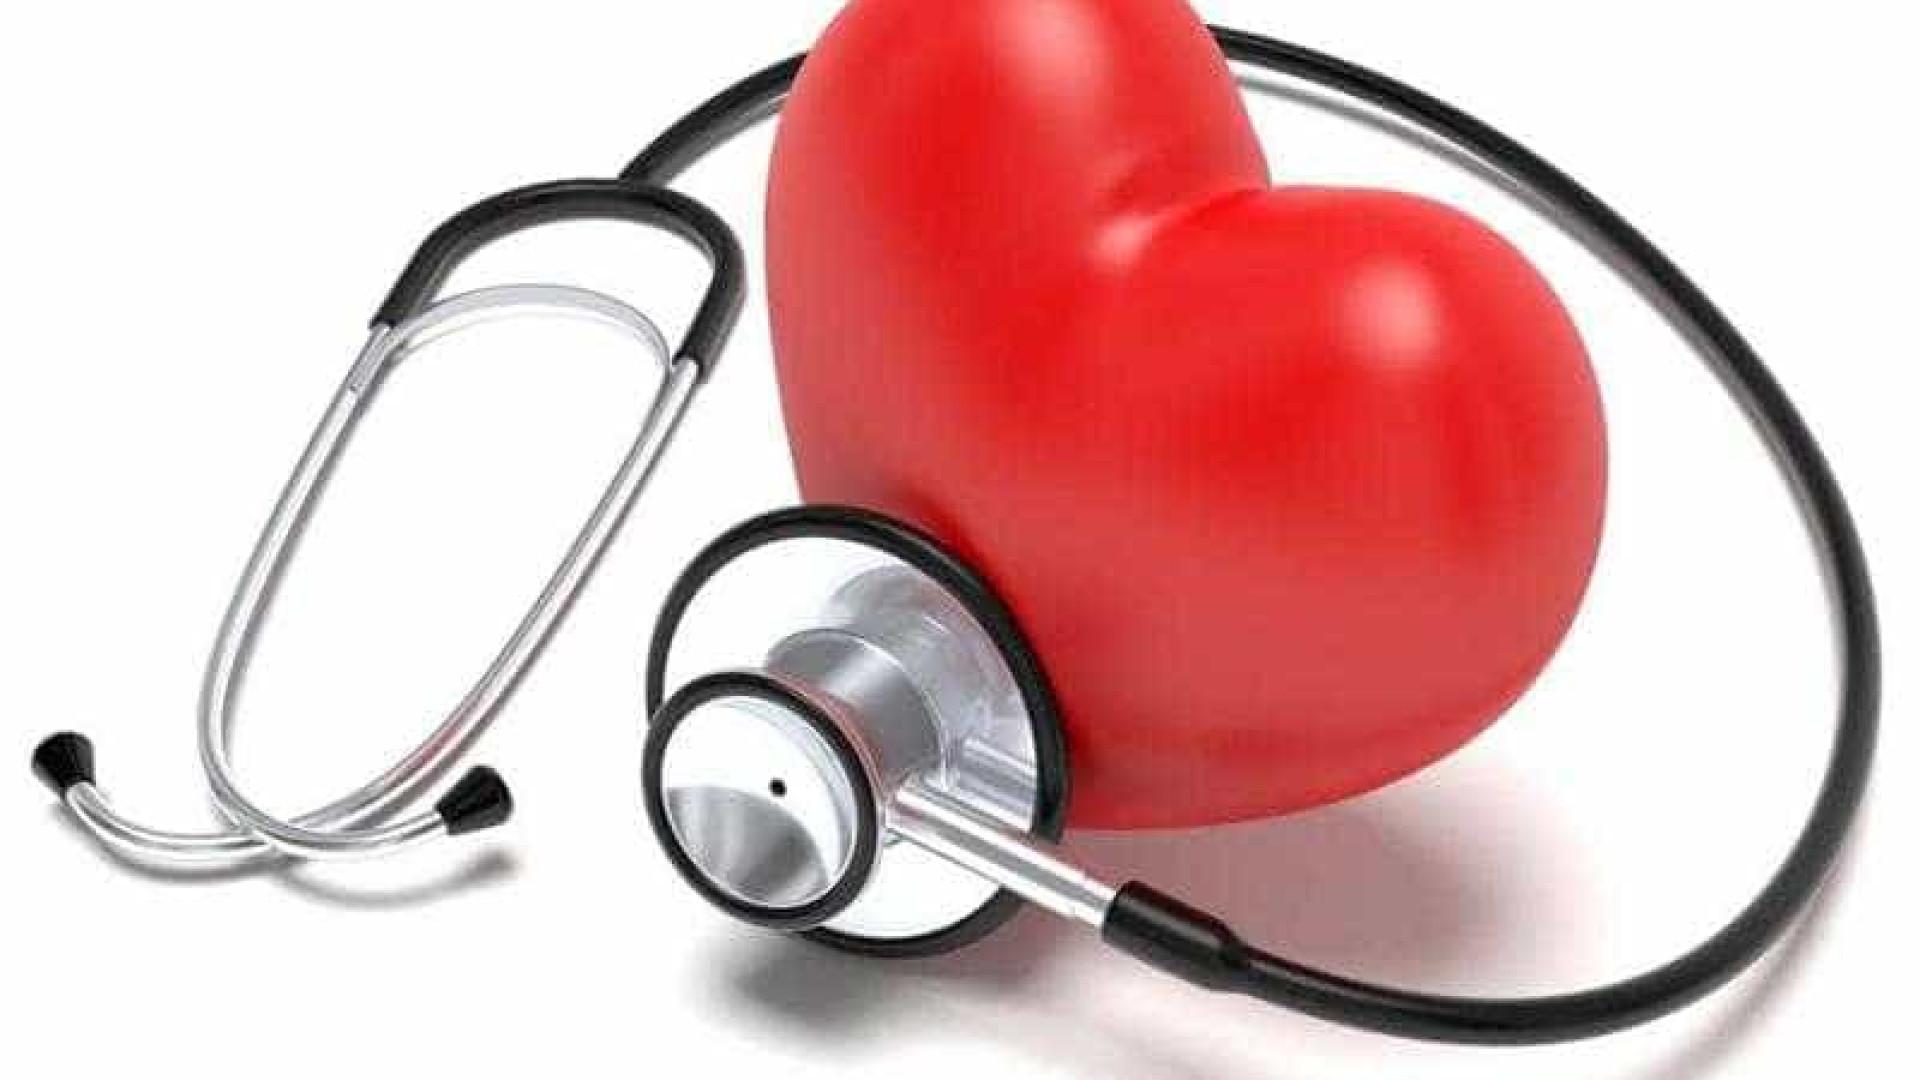 Saúde do coração: 5 dicas para cuidar do órgão